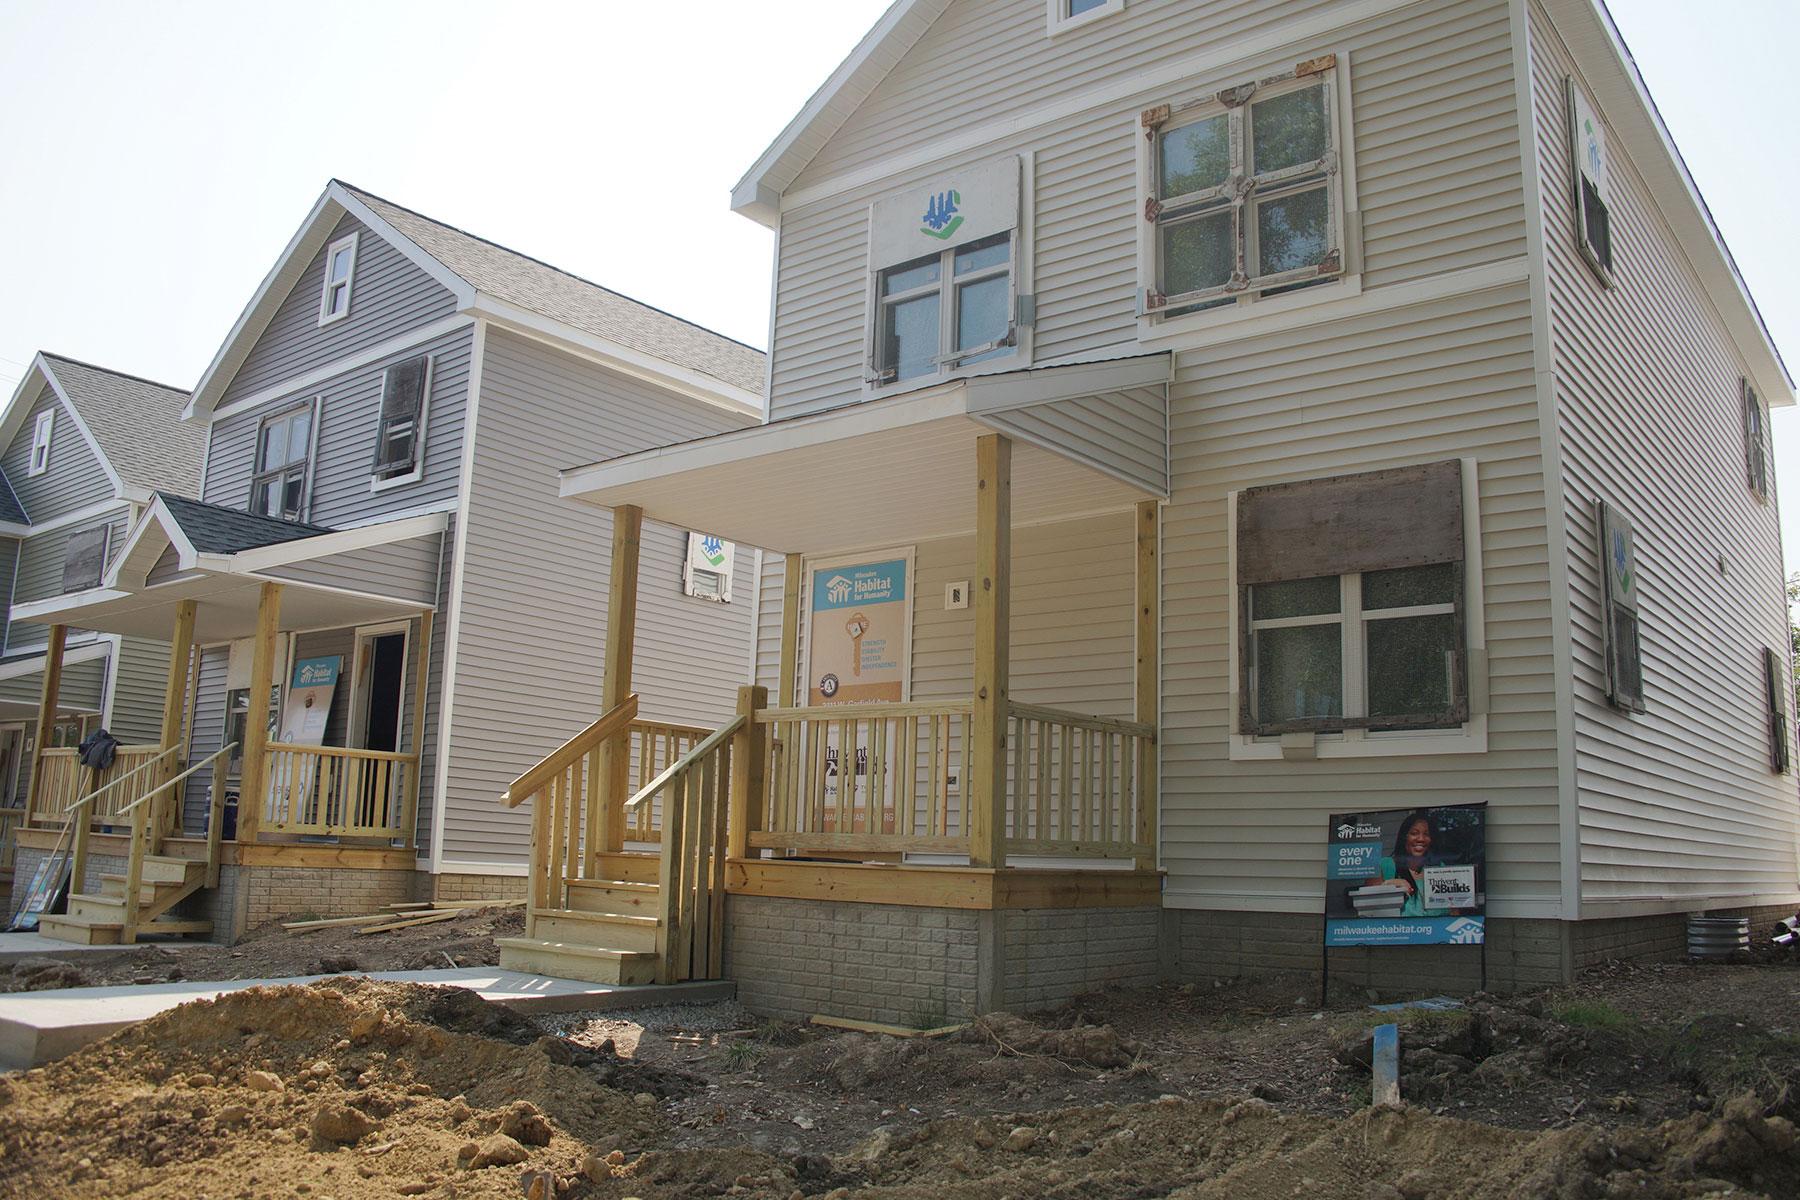 091117_habitatbuild_710